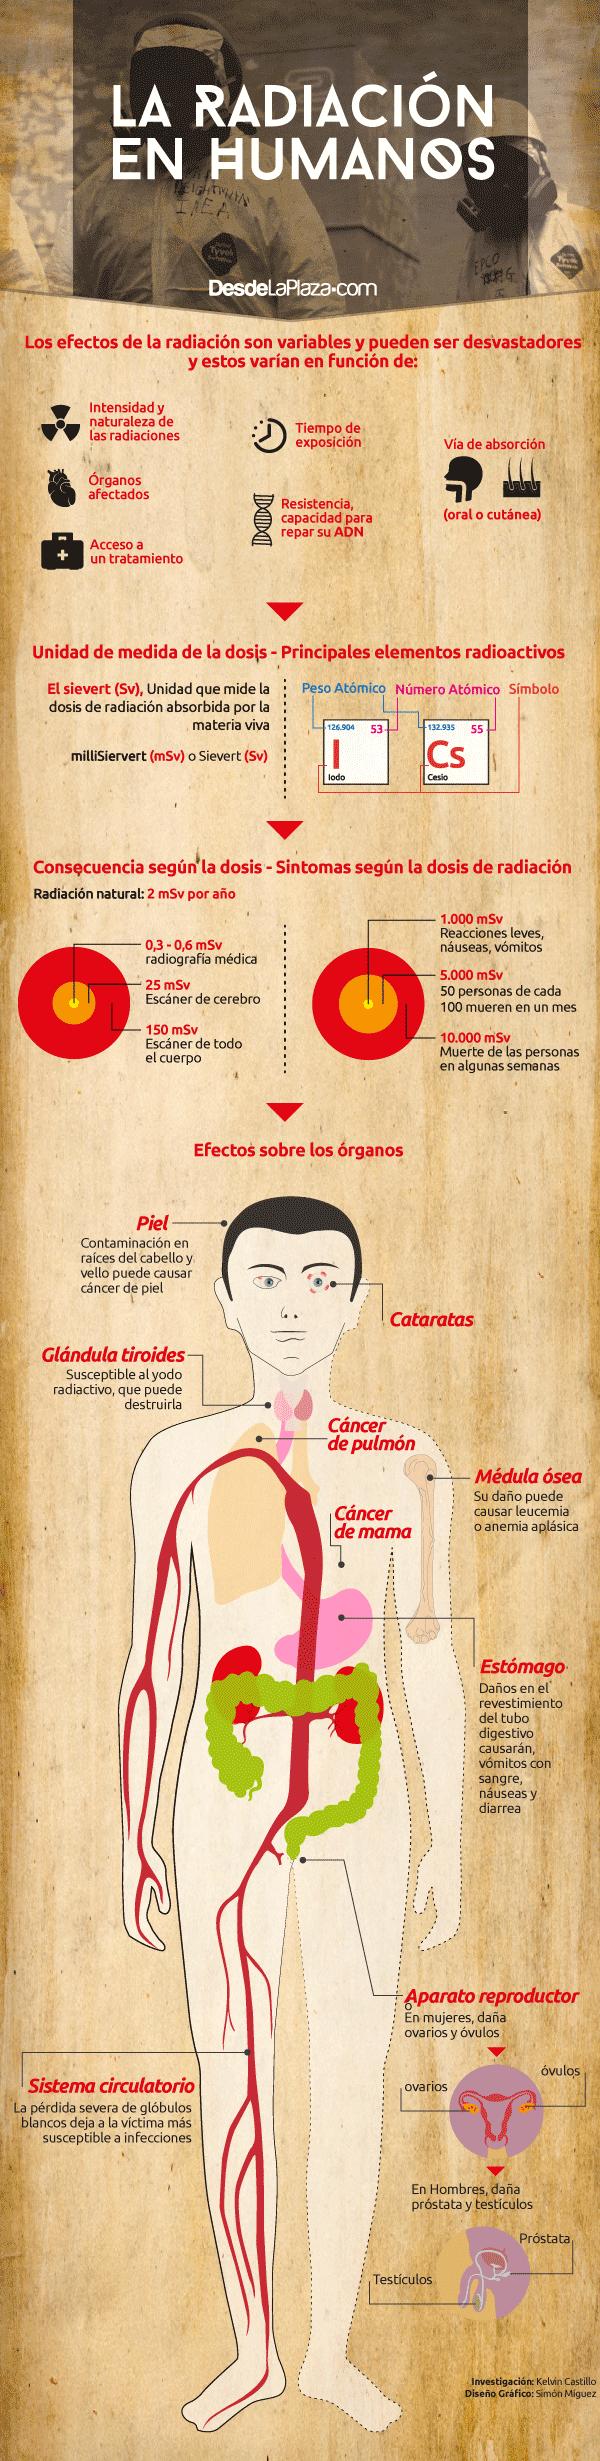 Efectos de la radiación sobre el cuerpo humano